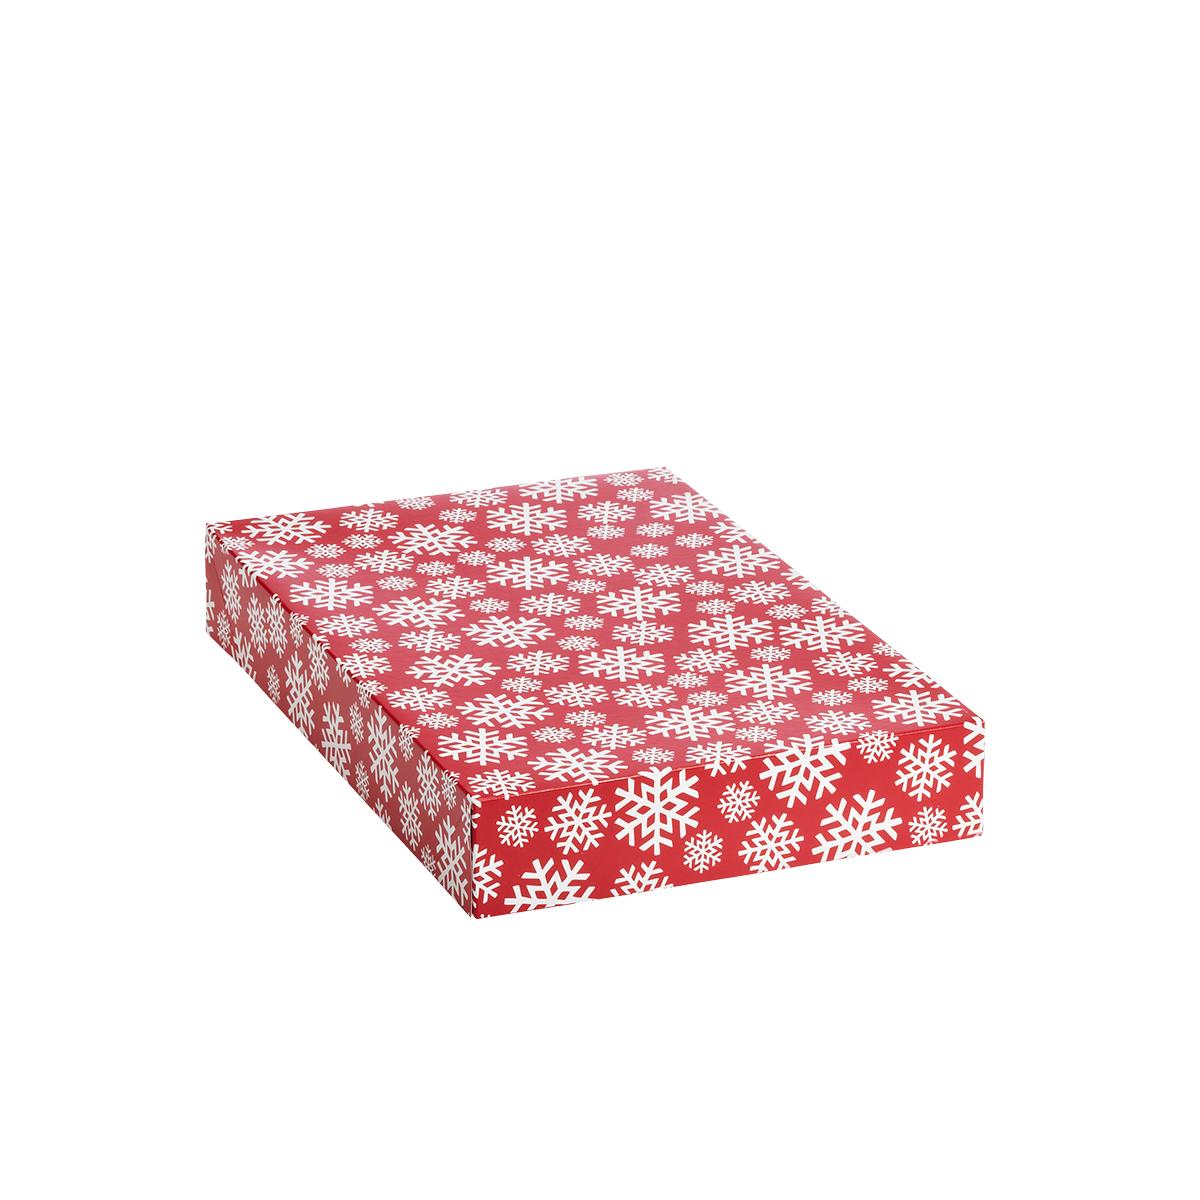 2-pc. Snowflakes Gift Box